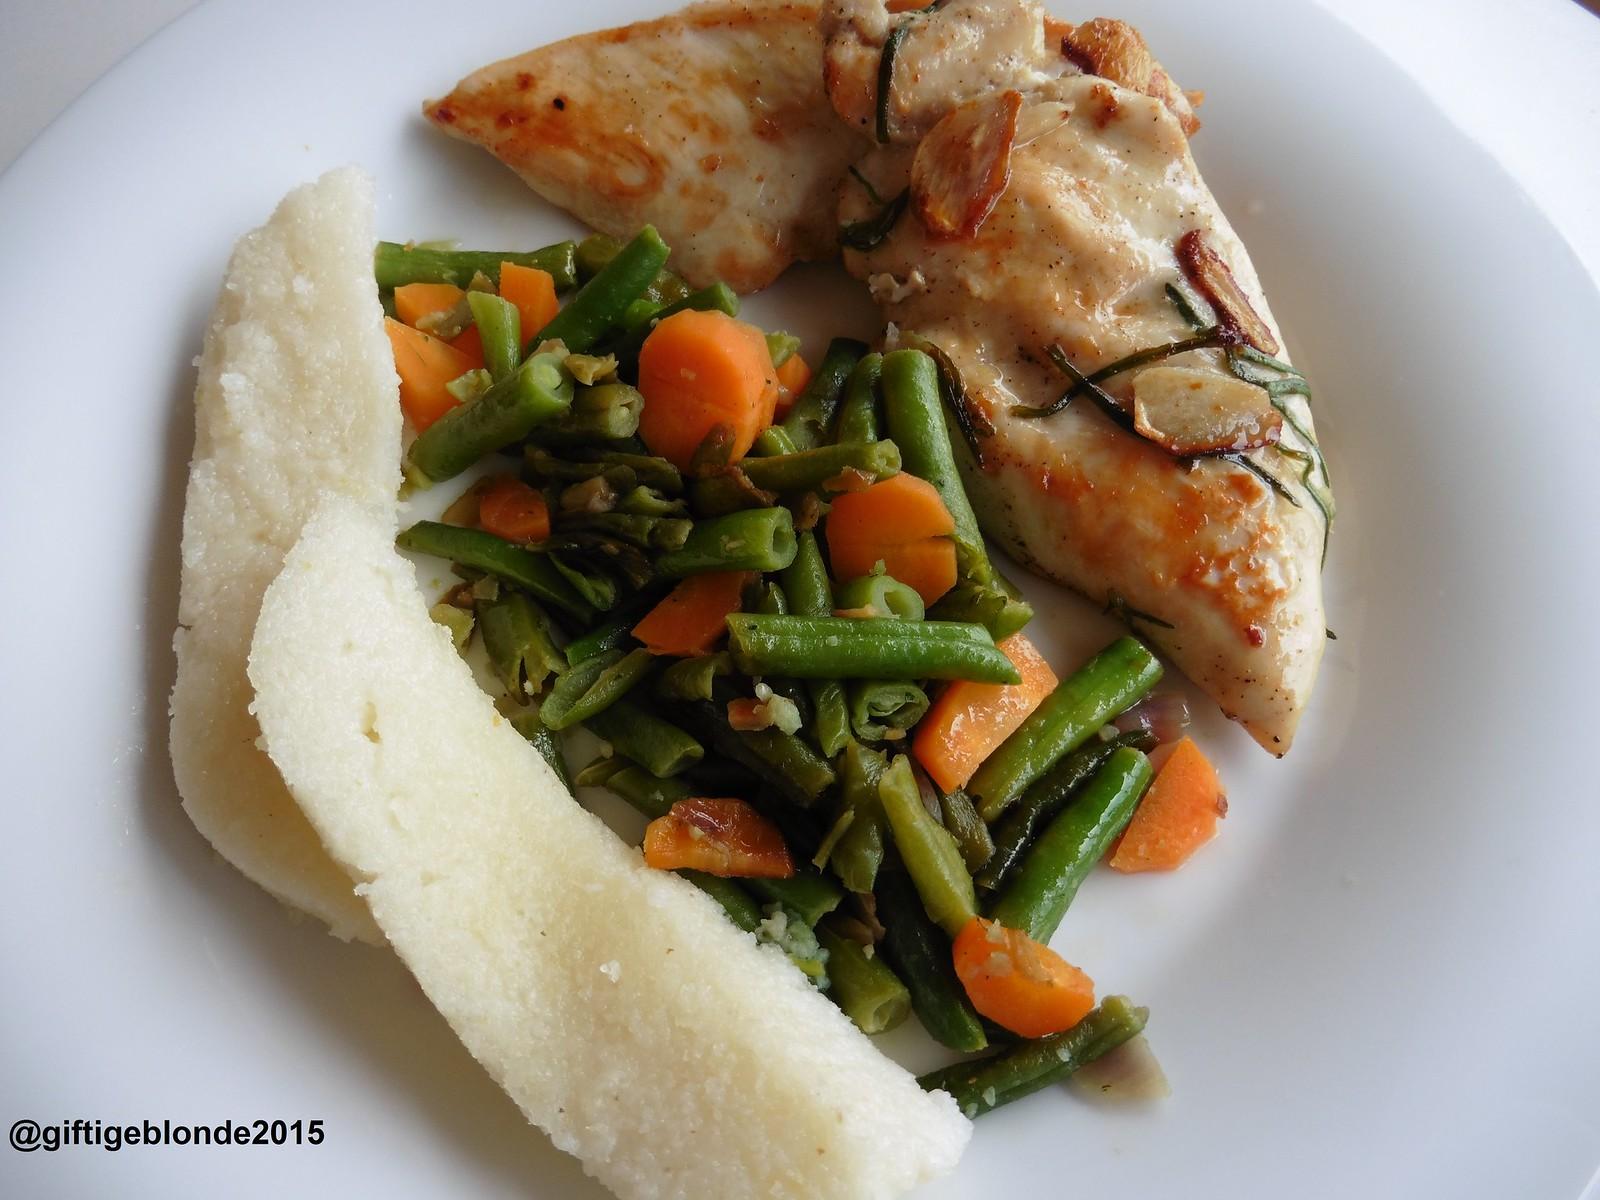 Hühnerfilet, Karotten mit Fisolen, gebratene weiße Polenta